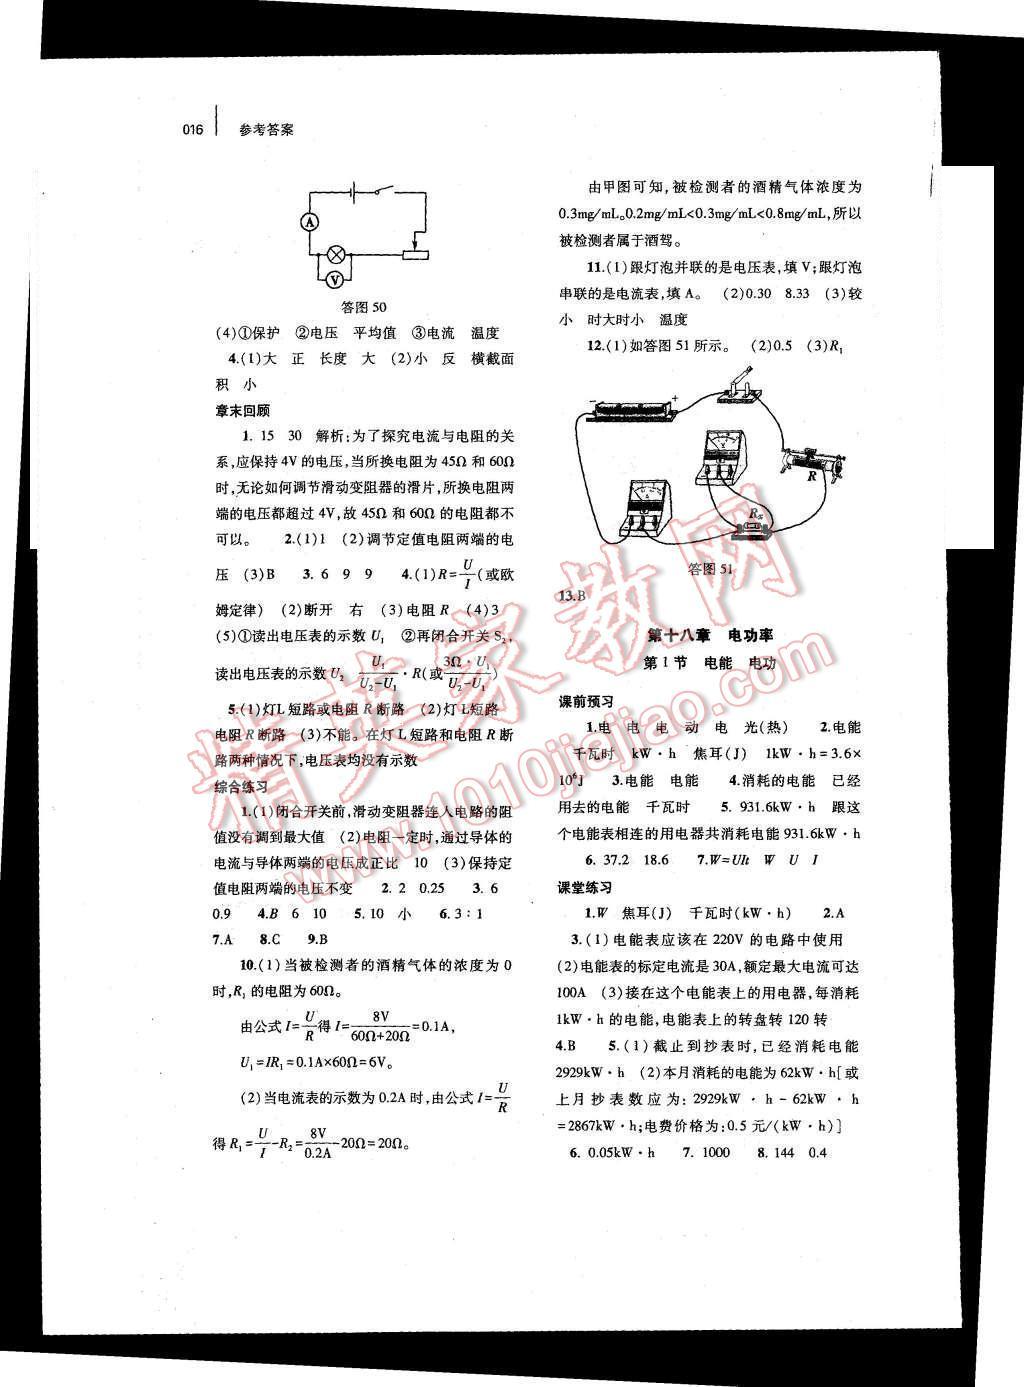 2015年基础训练九年级物理全一册人教版河南省内使用参考答案第28页